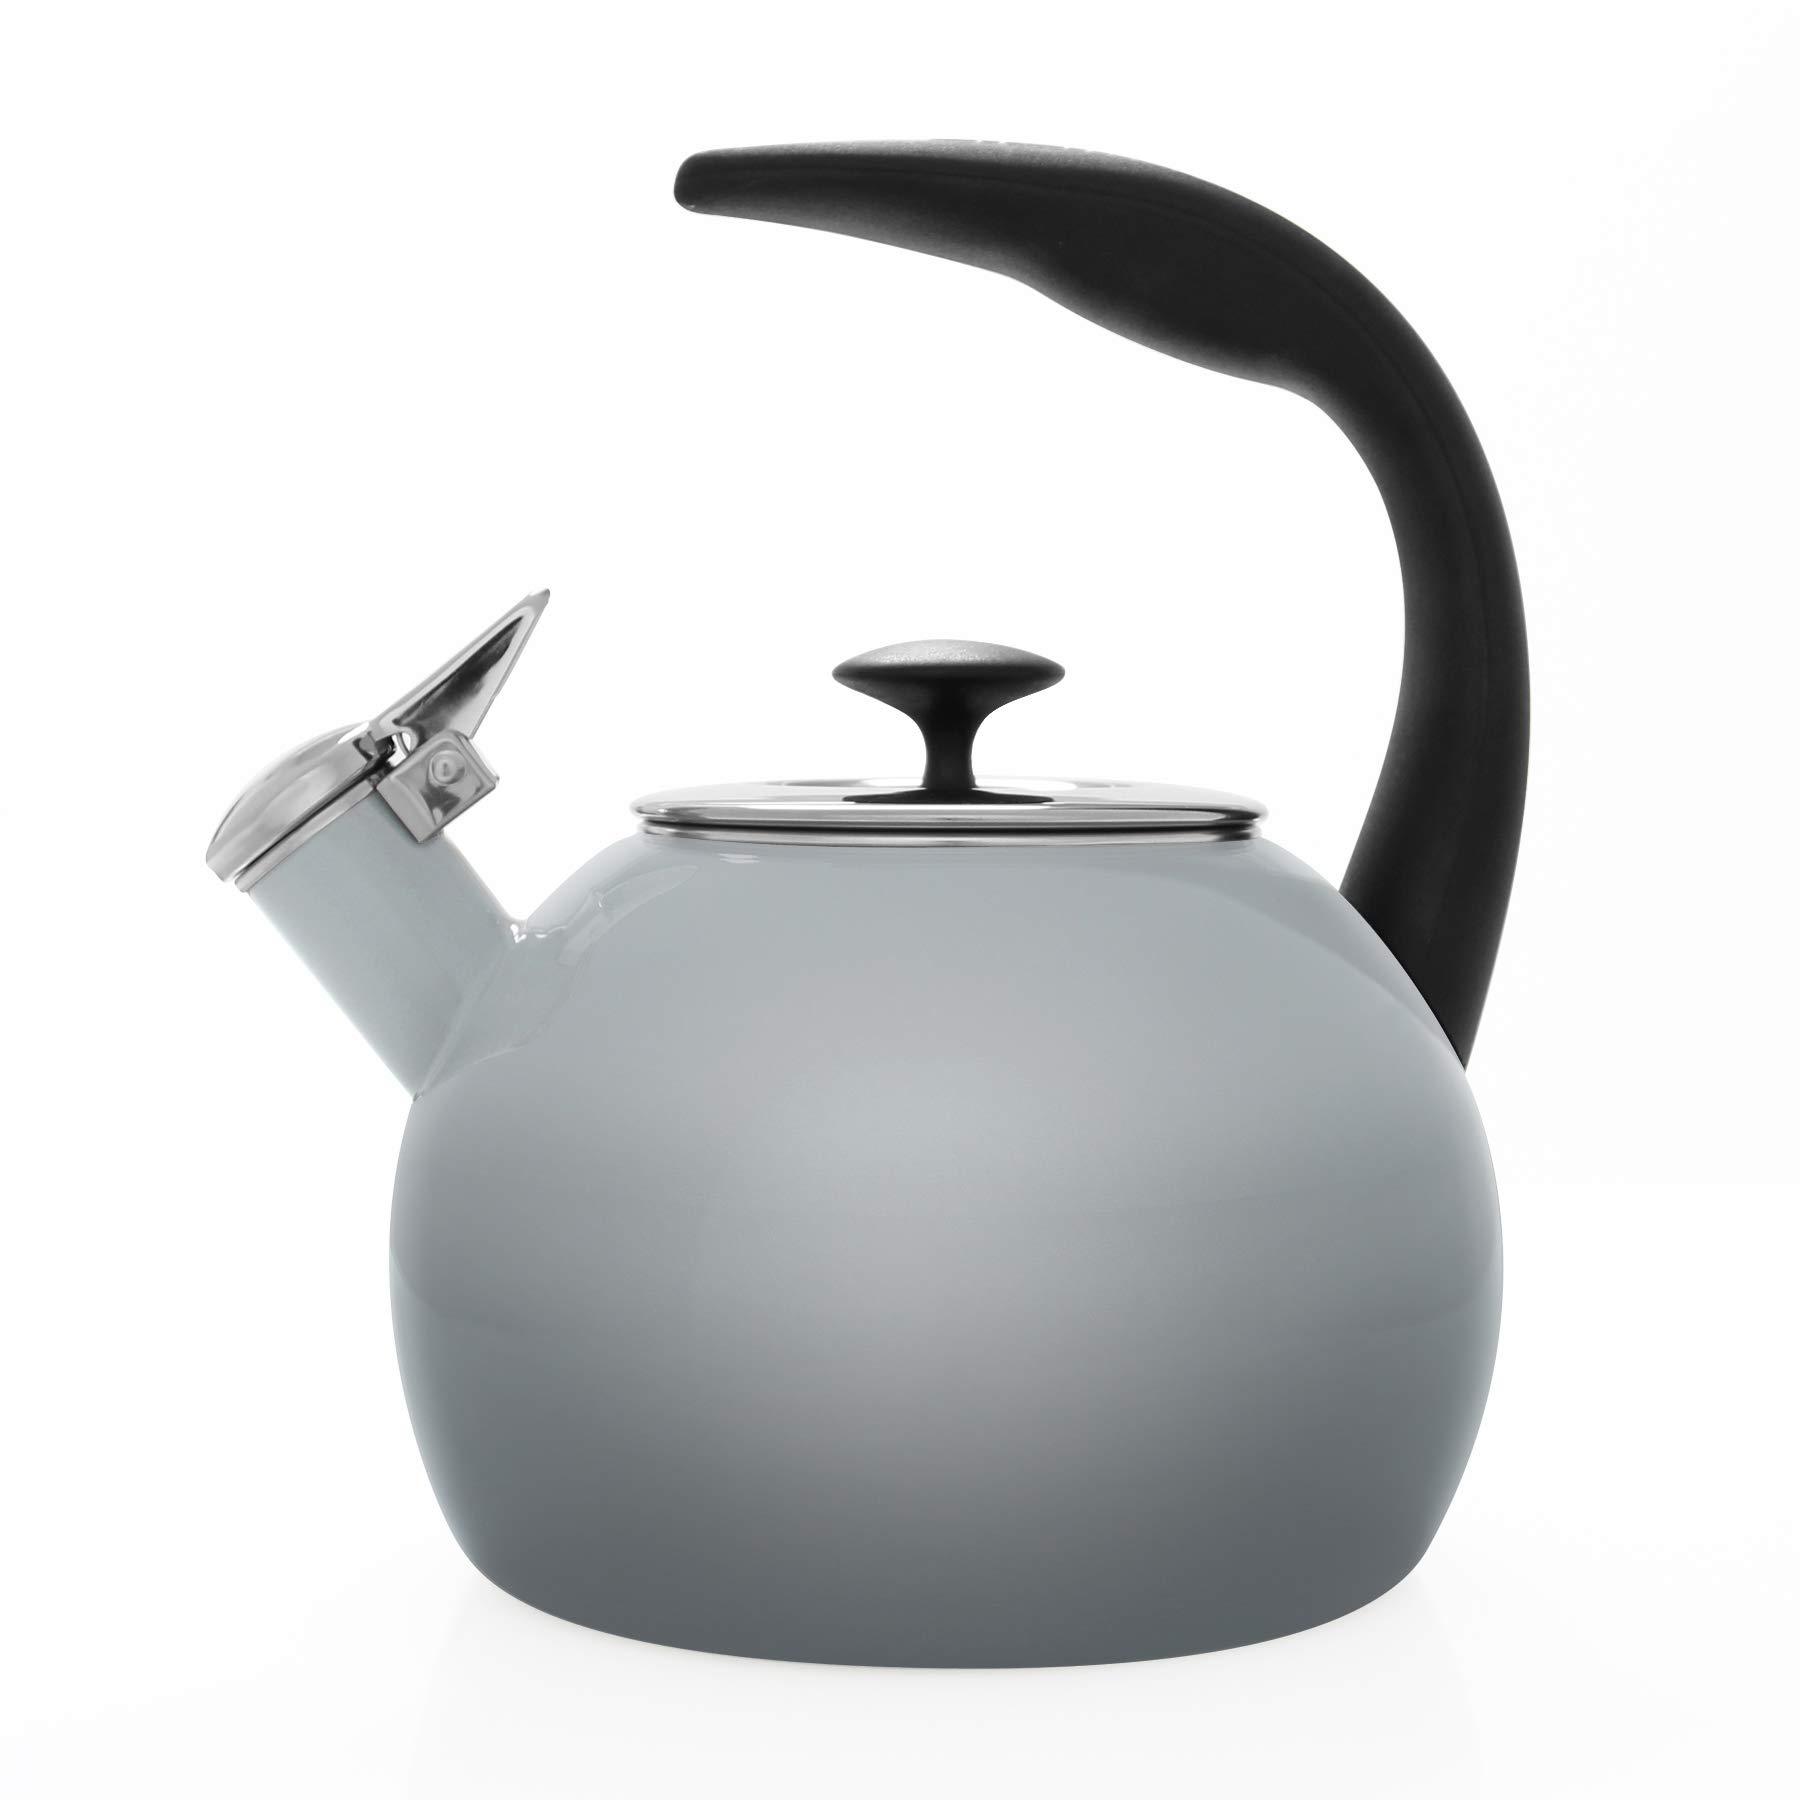 Chantal 37 OM FG Heath Teakettle Enamel-On-Steel 2-Quart Fade Grey